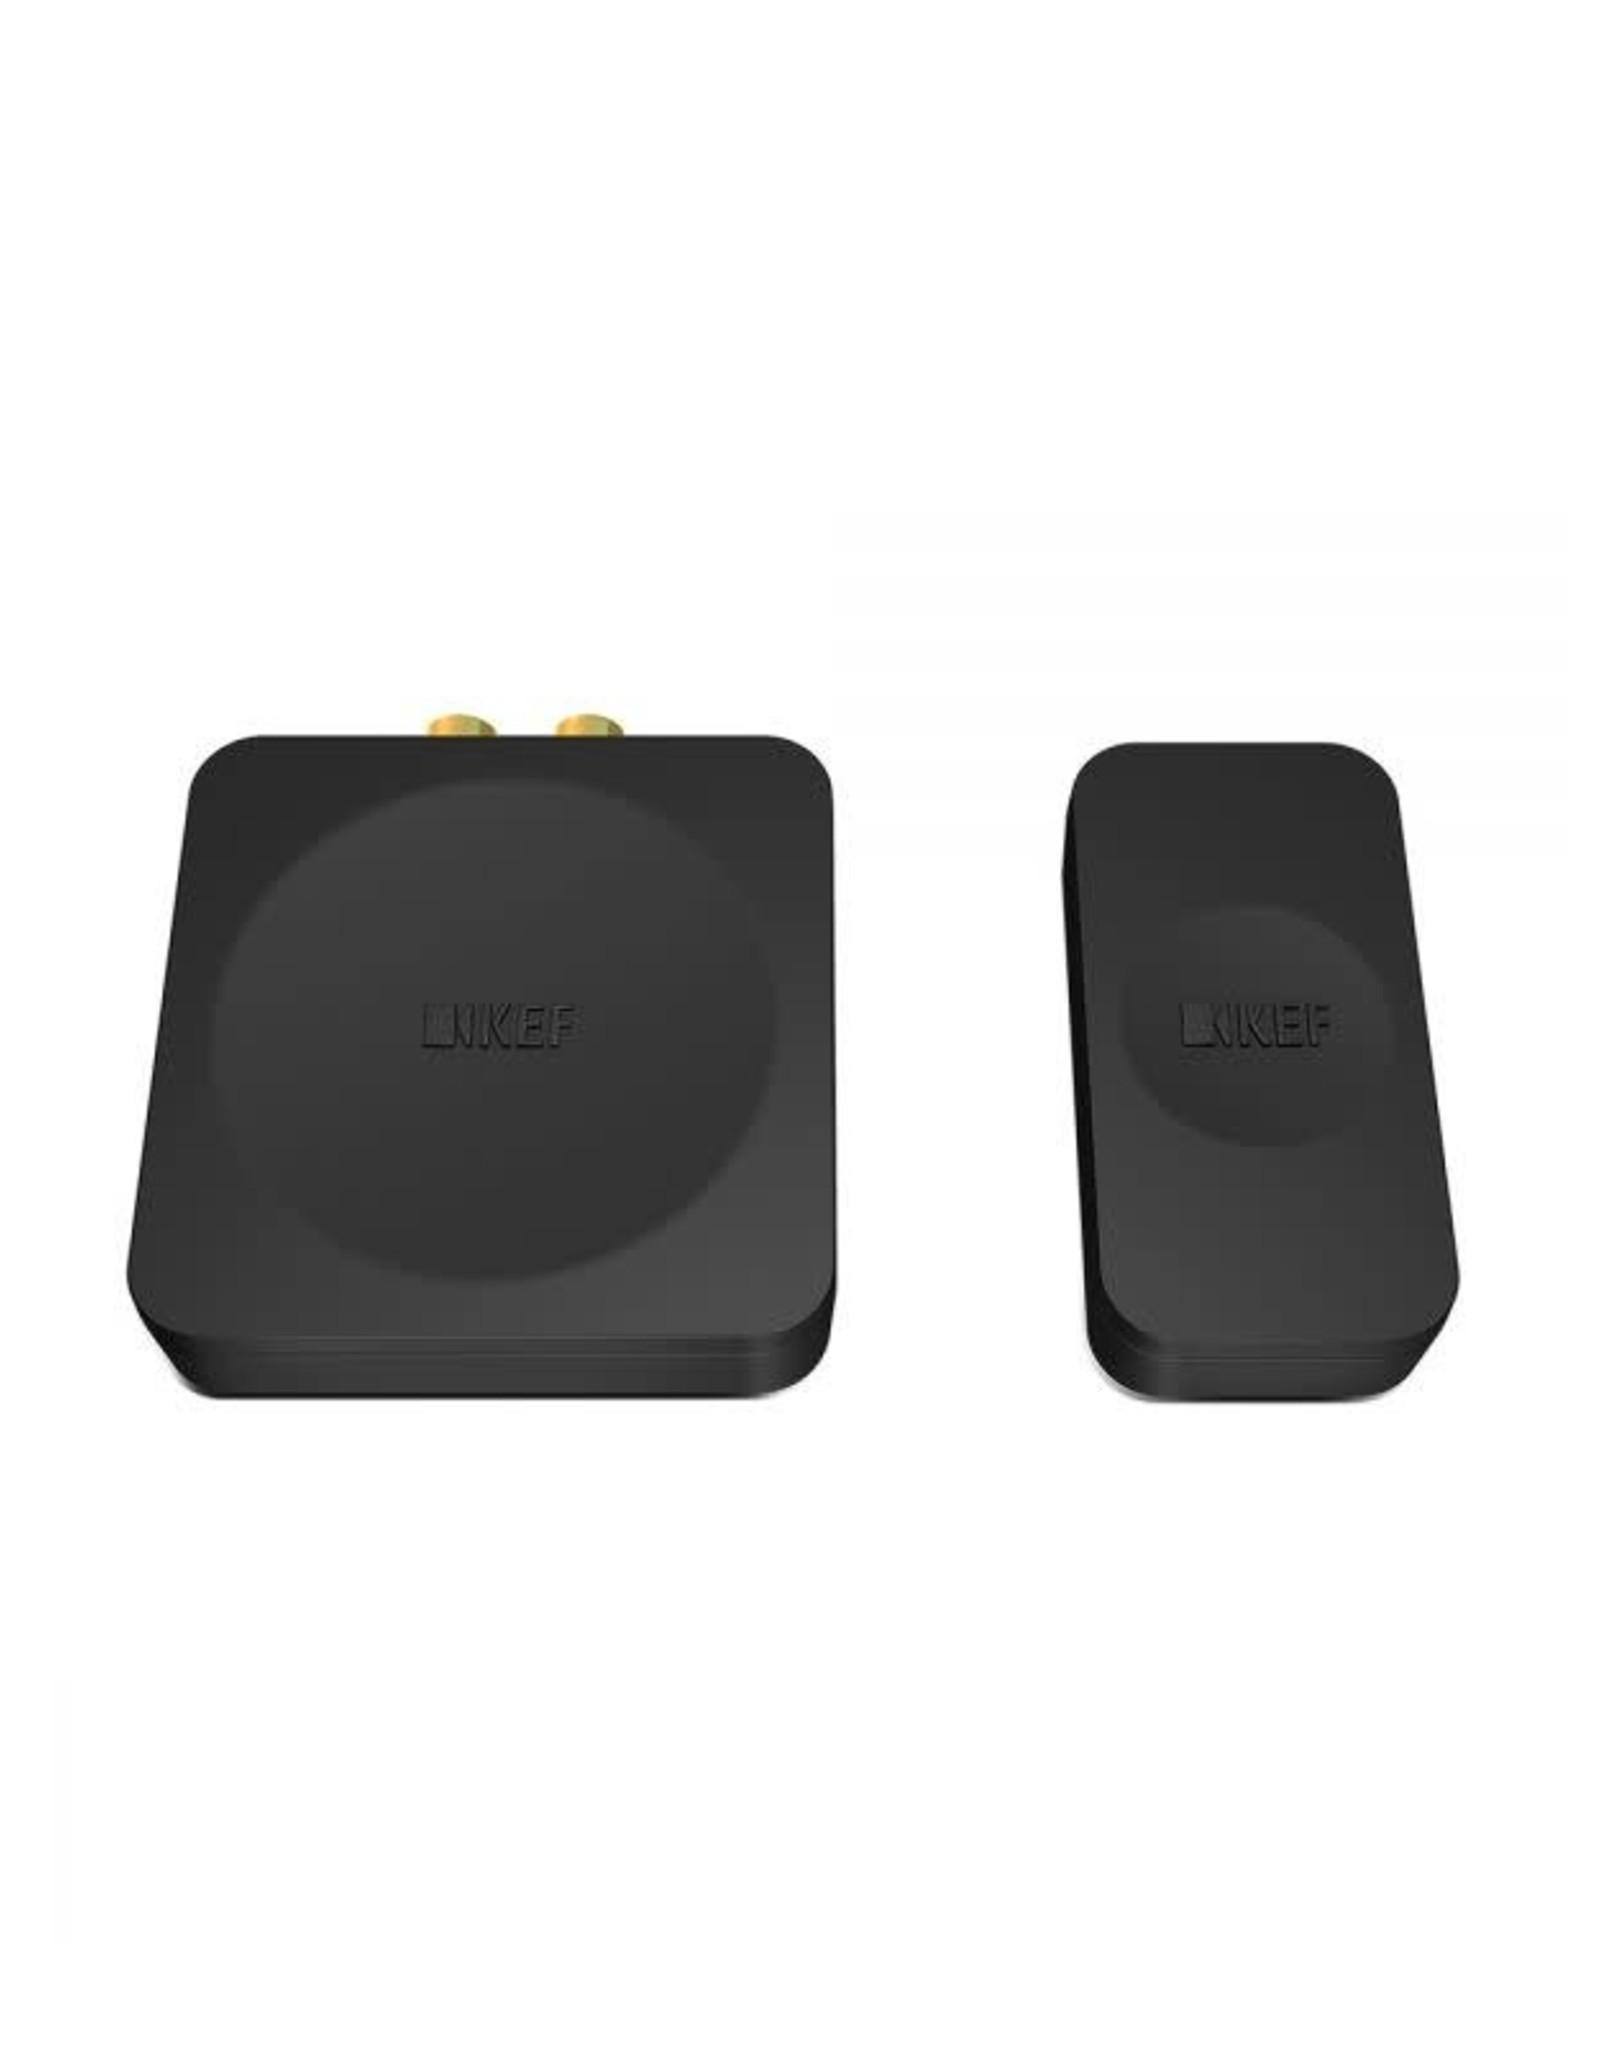 KEF KEF KW1 Wireless Subwoofer Adapter Kit